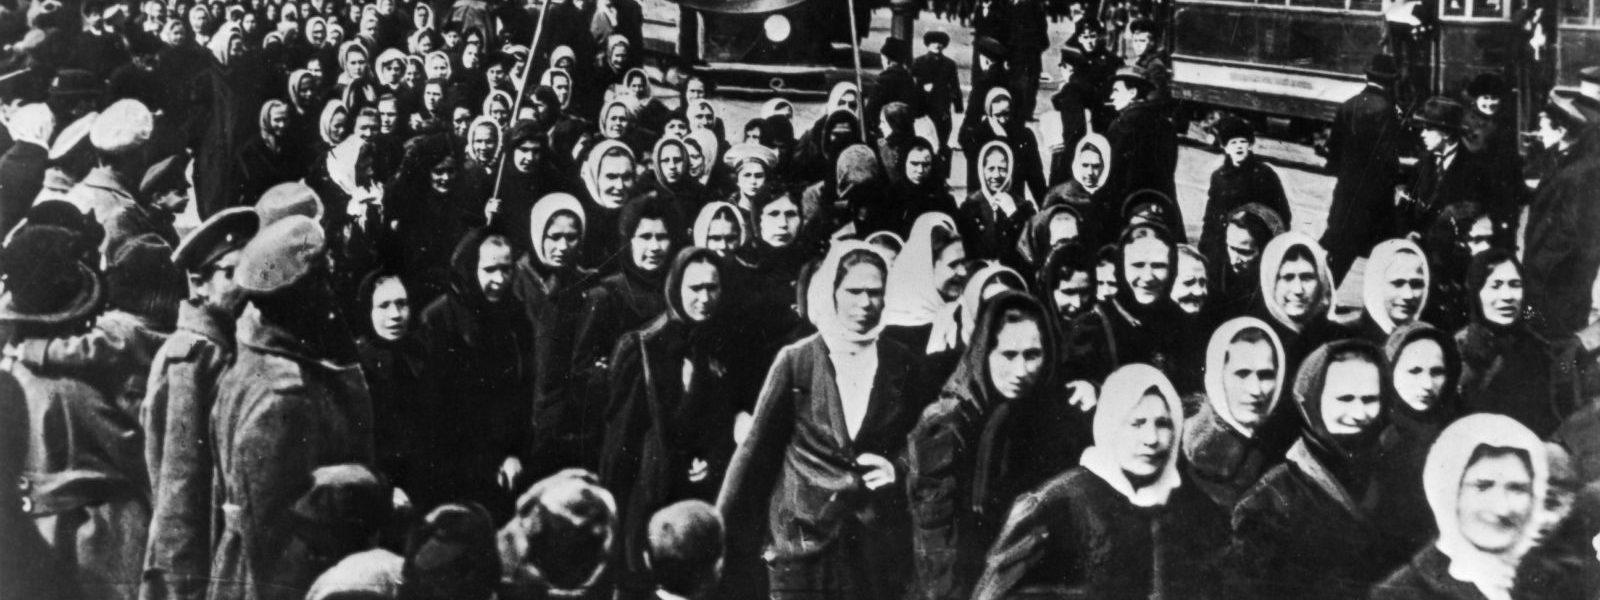 ວັນແມ່ຍິງສາກົນ ຄົບຮອບ 111 ປີ home - medium blog - 1917 International Womens Day   Petrograd 1600x600 - Home – Medium Blog